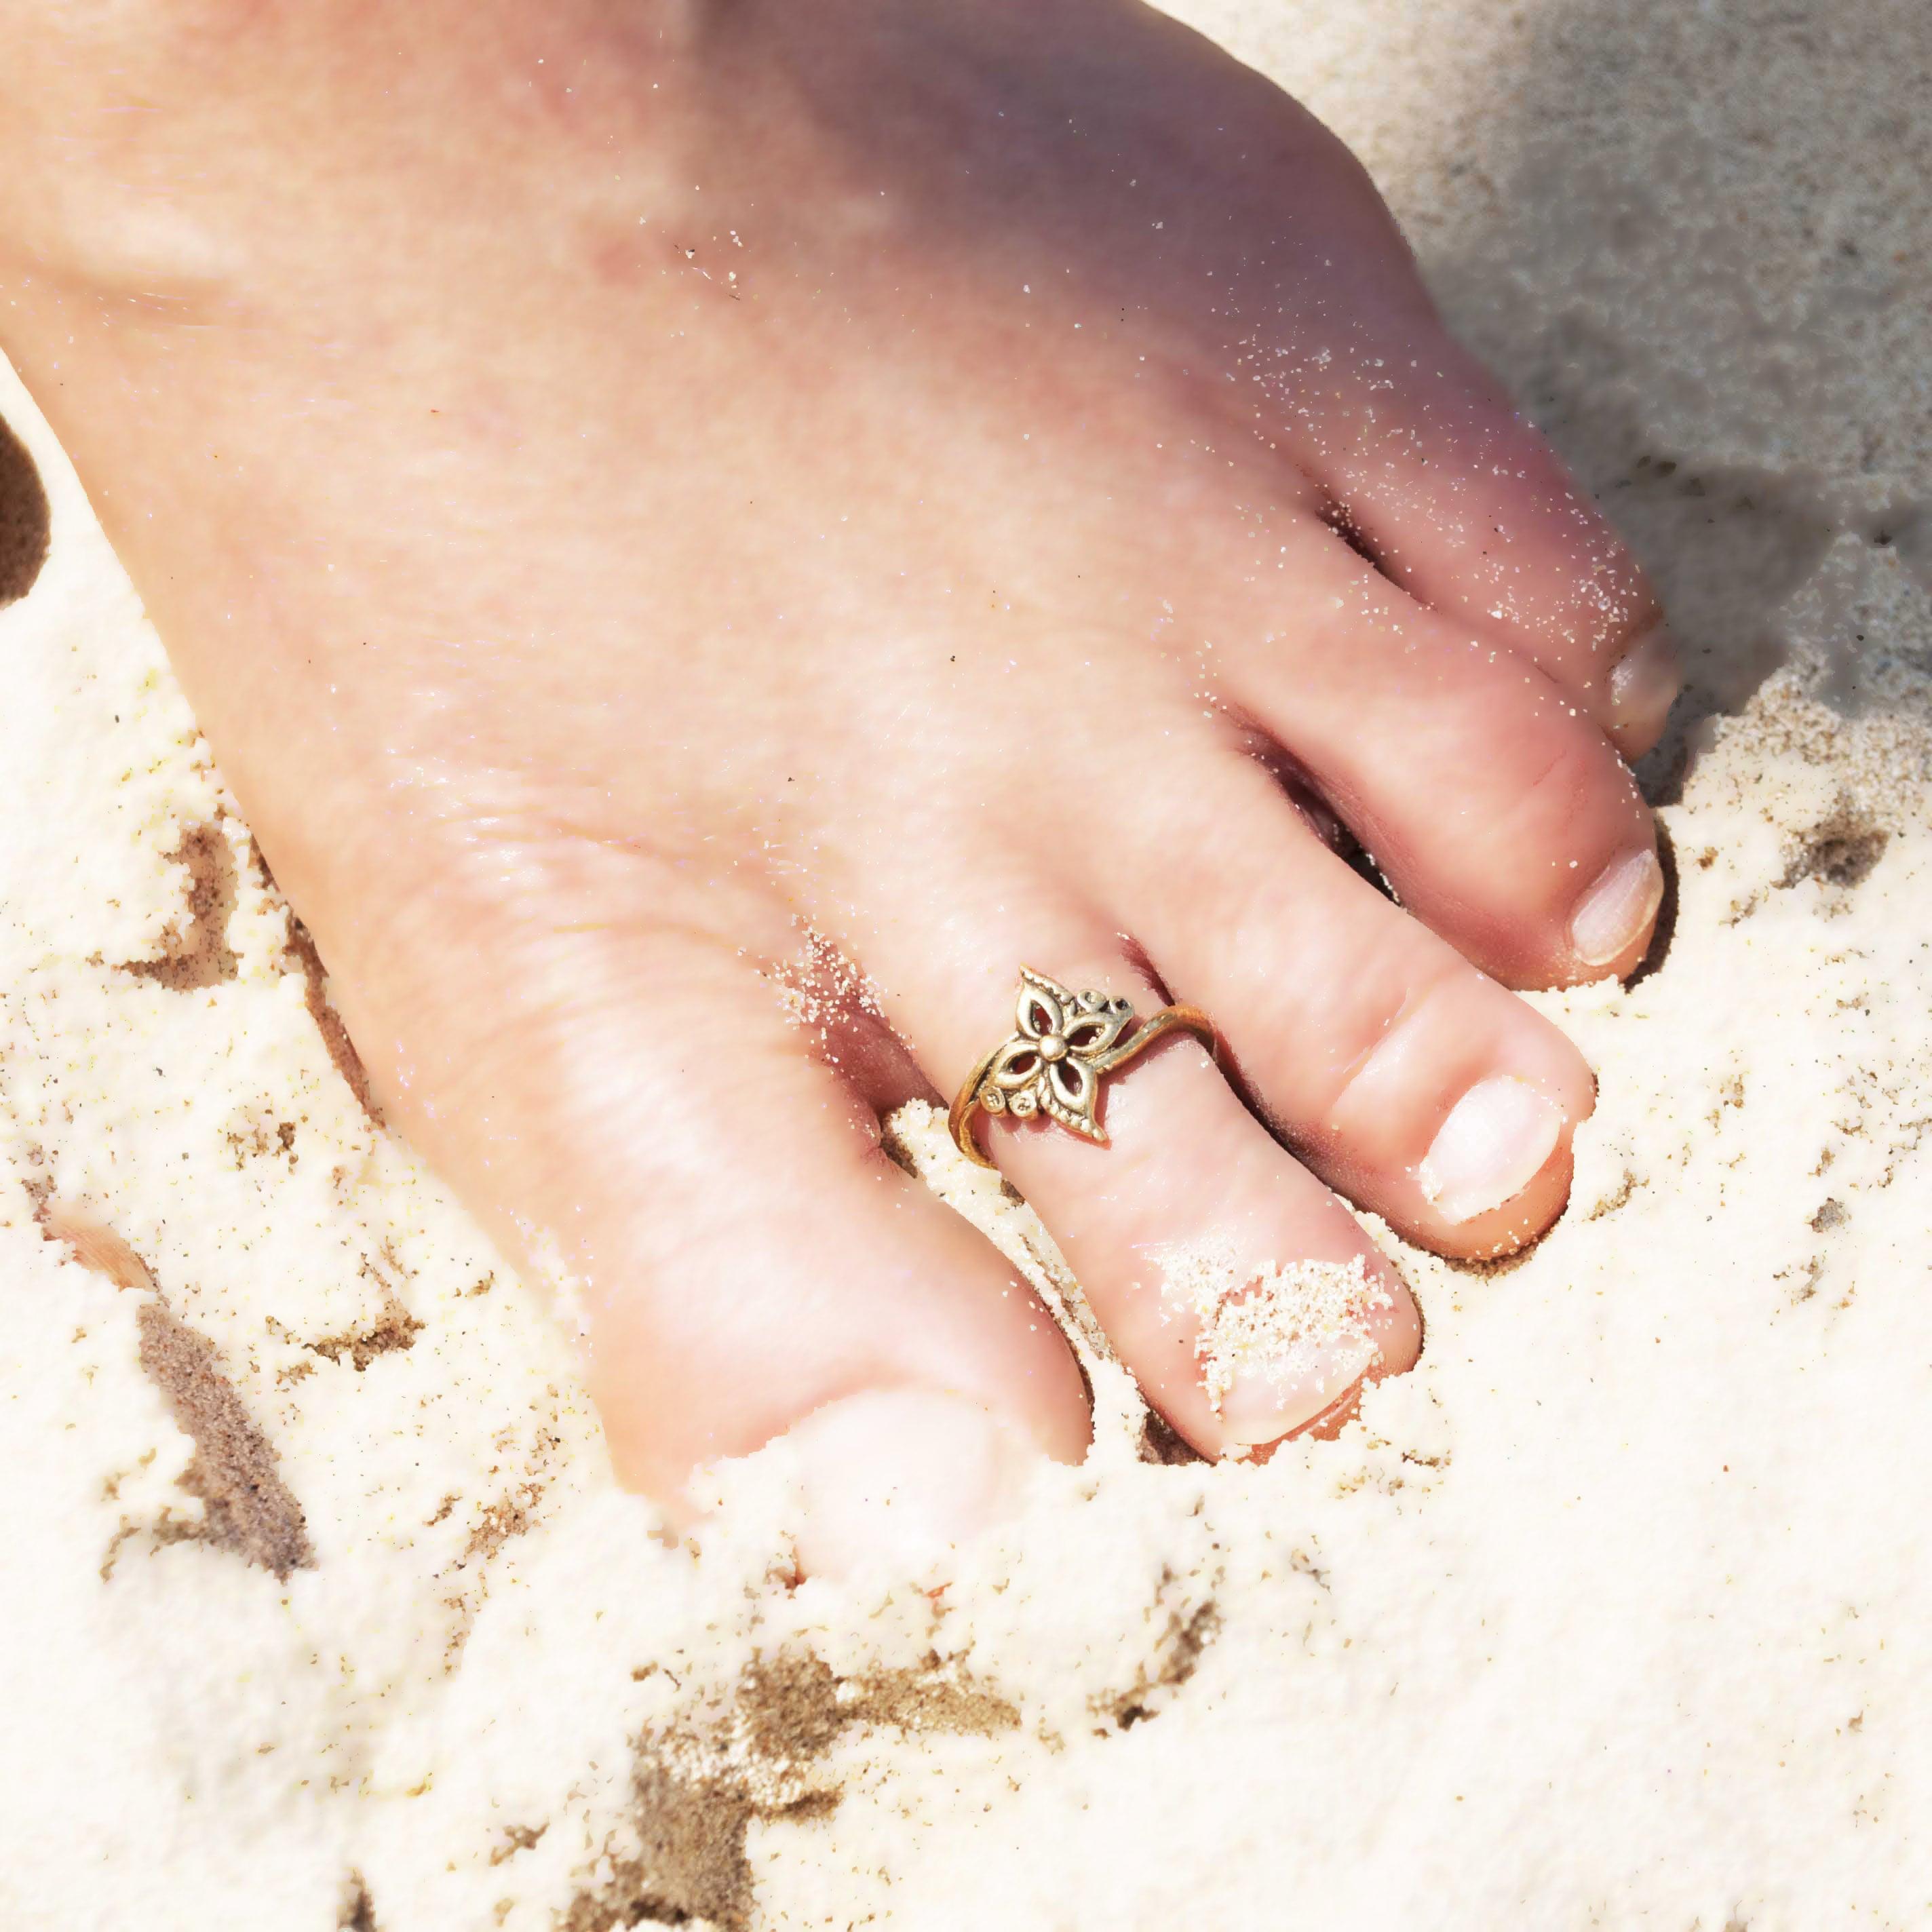 טבעת רגל בריגו בראס